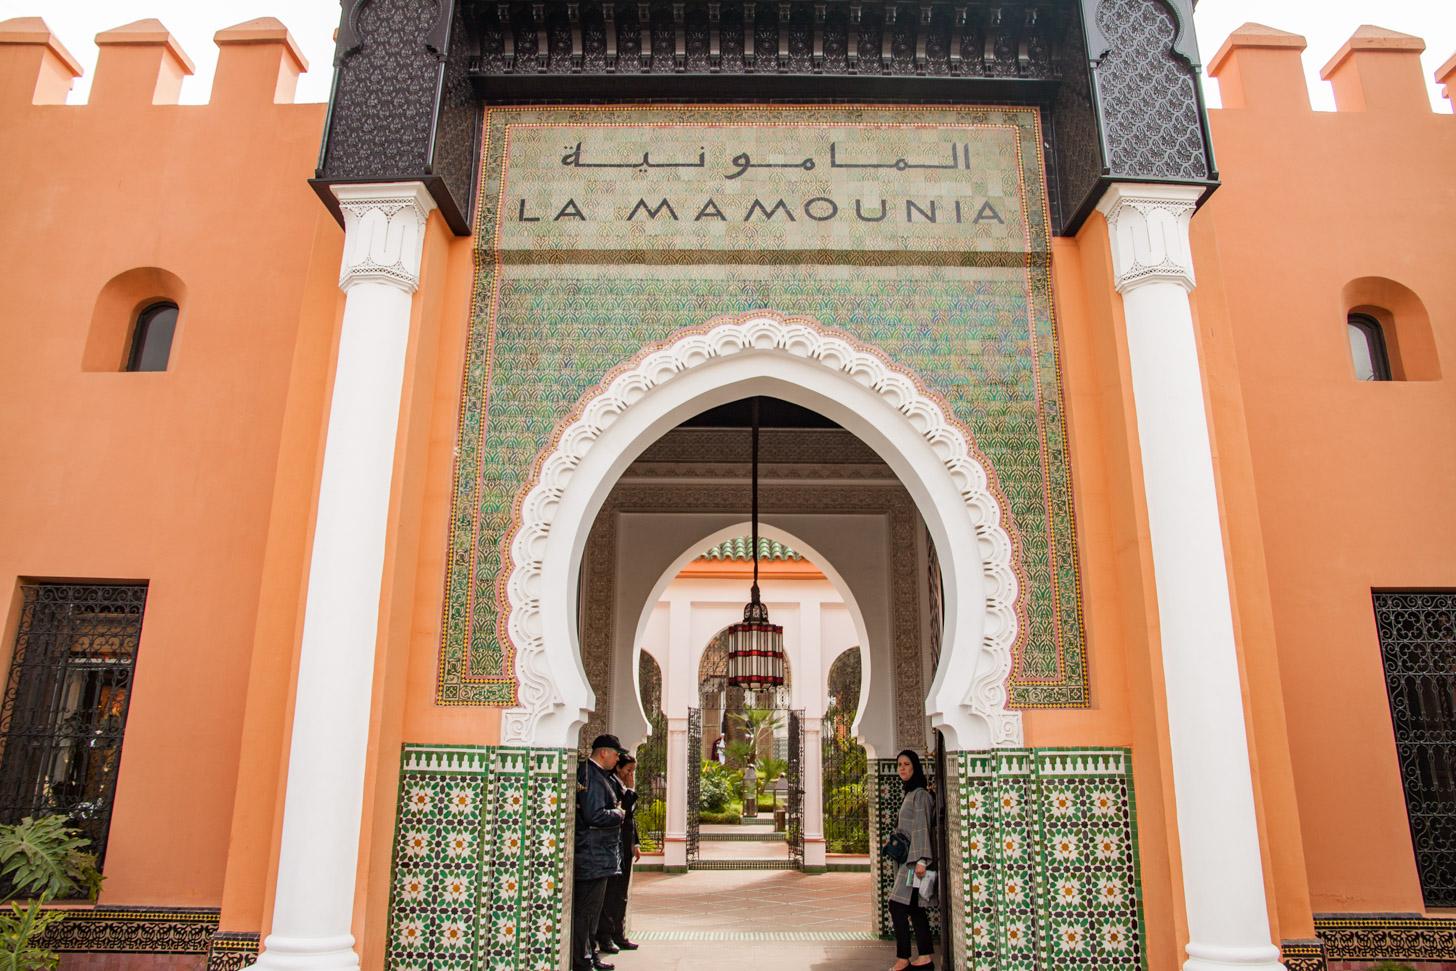 De entree van het luxe hotel Hotel La Mamounia